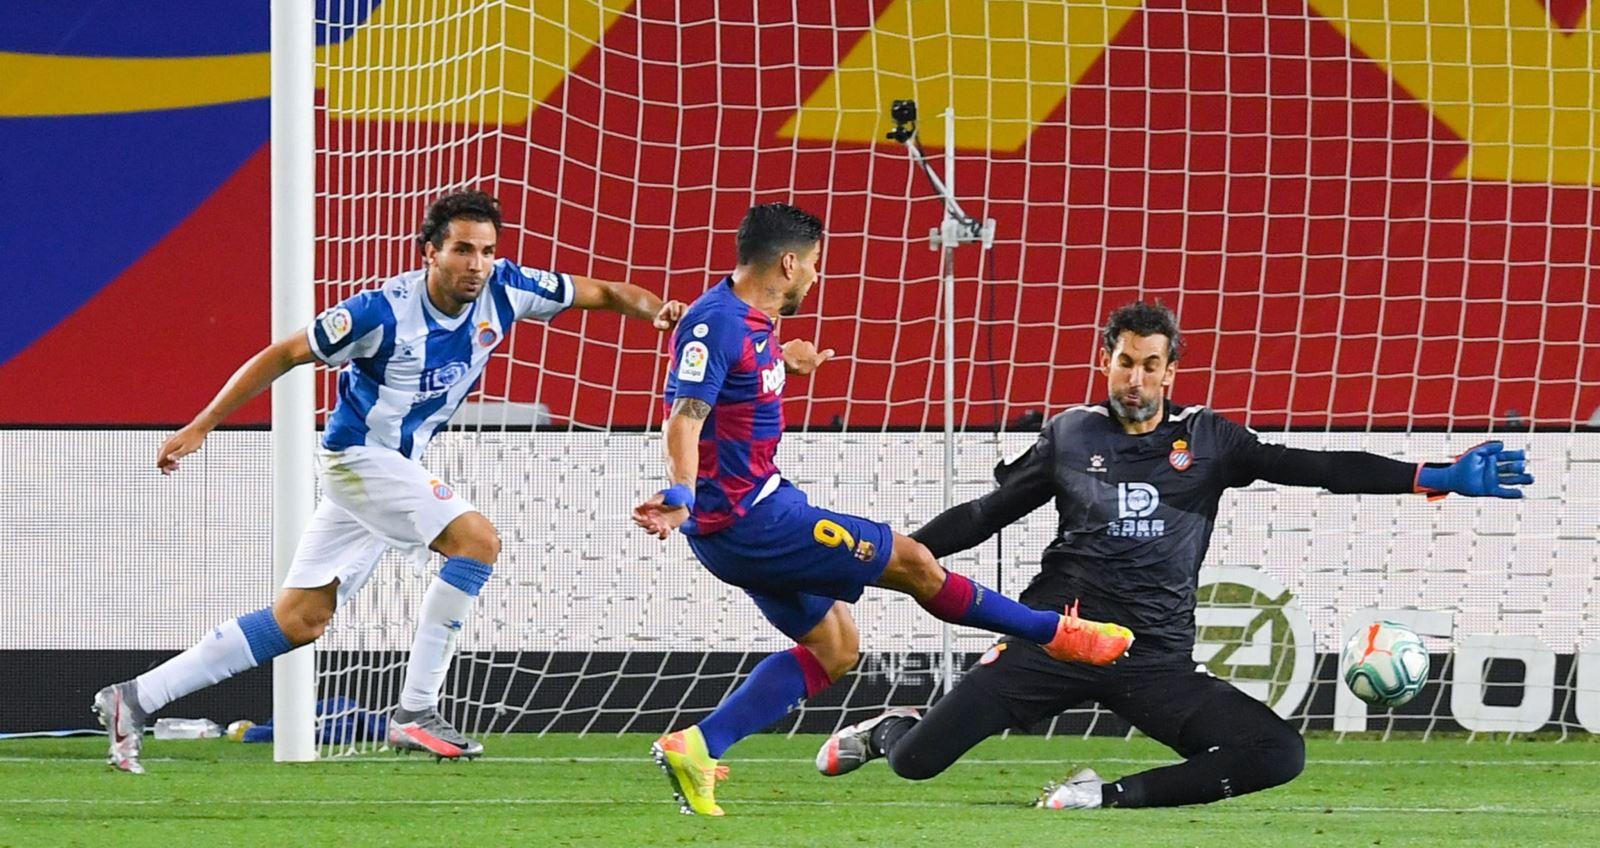 bóng đá, Real Madrid, Barcelona, kết quả bóng đá, La Liga, trực tiếp bóng đá, bóng đá tây ban nha, lịch thi đấu